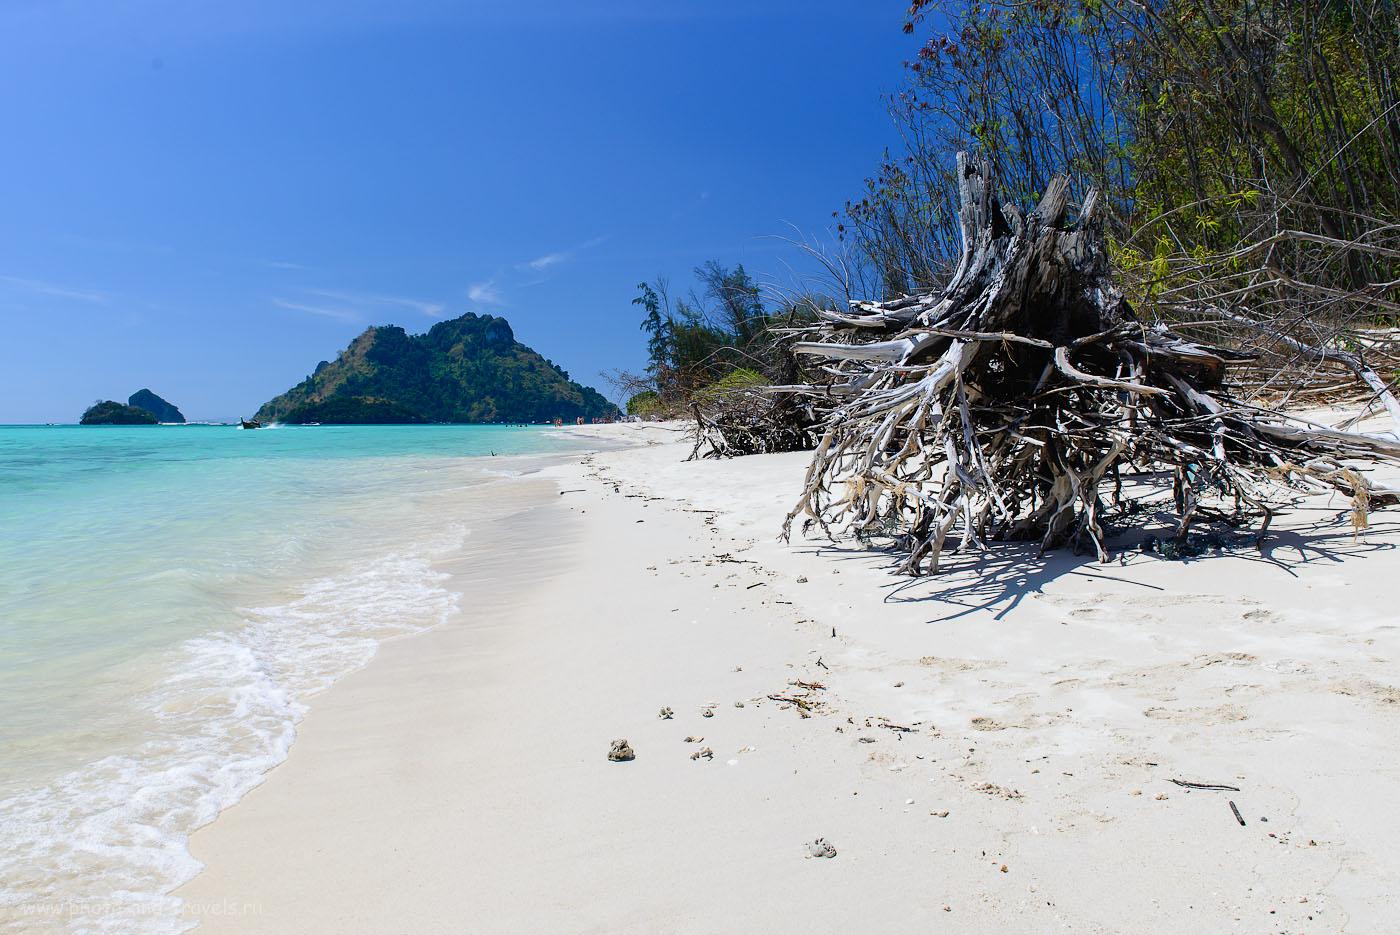 Фотография 12. На дальнем плане мы видим Chicken Island - один из четырех островов, куда привозят на экскурсию туристов с Пхукета. Отзывы об отдыхе в Таиланде самостоятельно (200, 24, 9.0, 1/500)